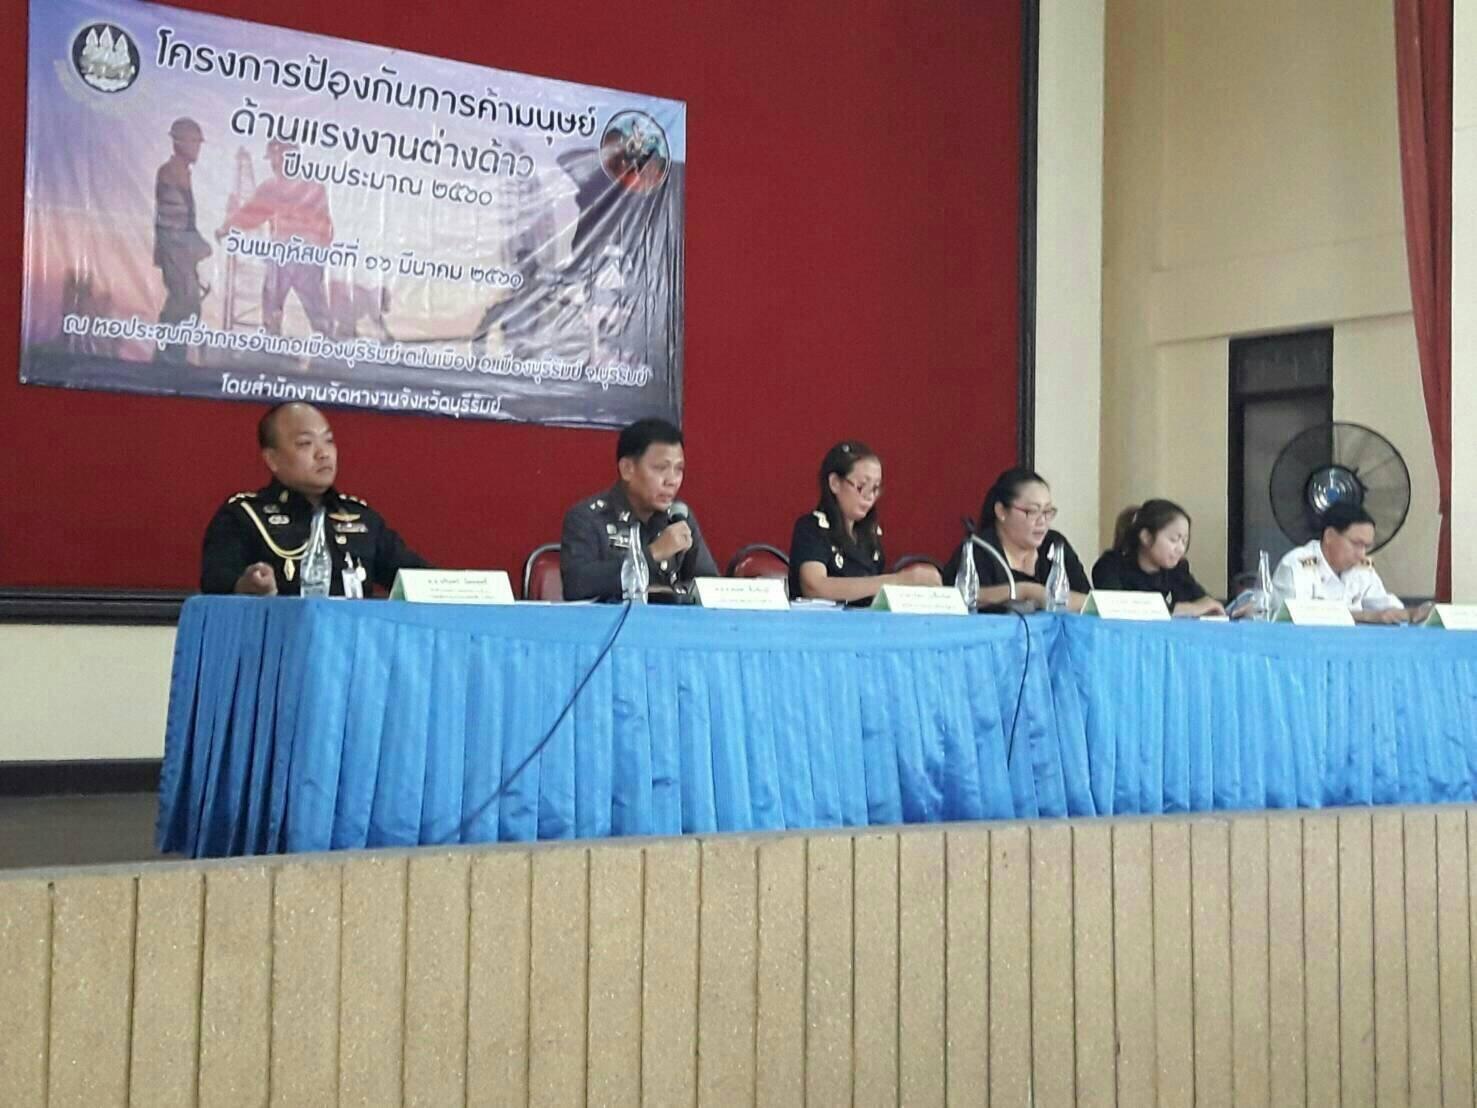 จัดอบรม การป้องกันการค้ามนุษย์ด้านแรงงานต่างด้าว ณ หอประชุมอำเภอเมืองบุรีรัมย์ จังหวัดบุรีรัมย์